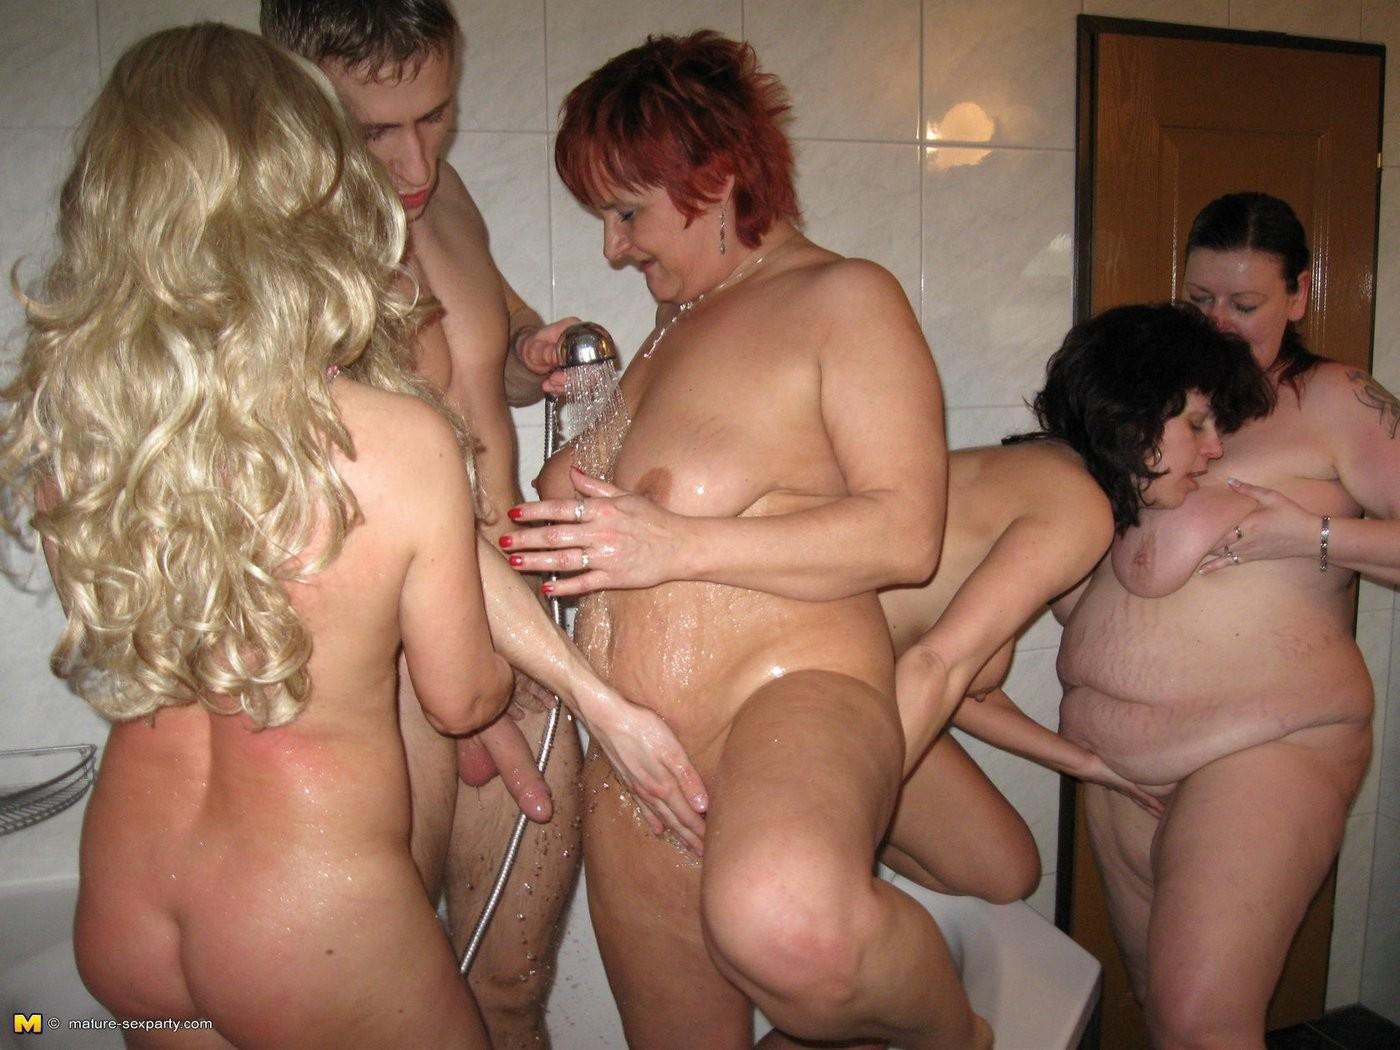 sexkontakte nude piger